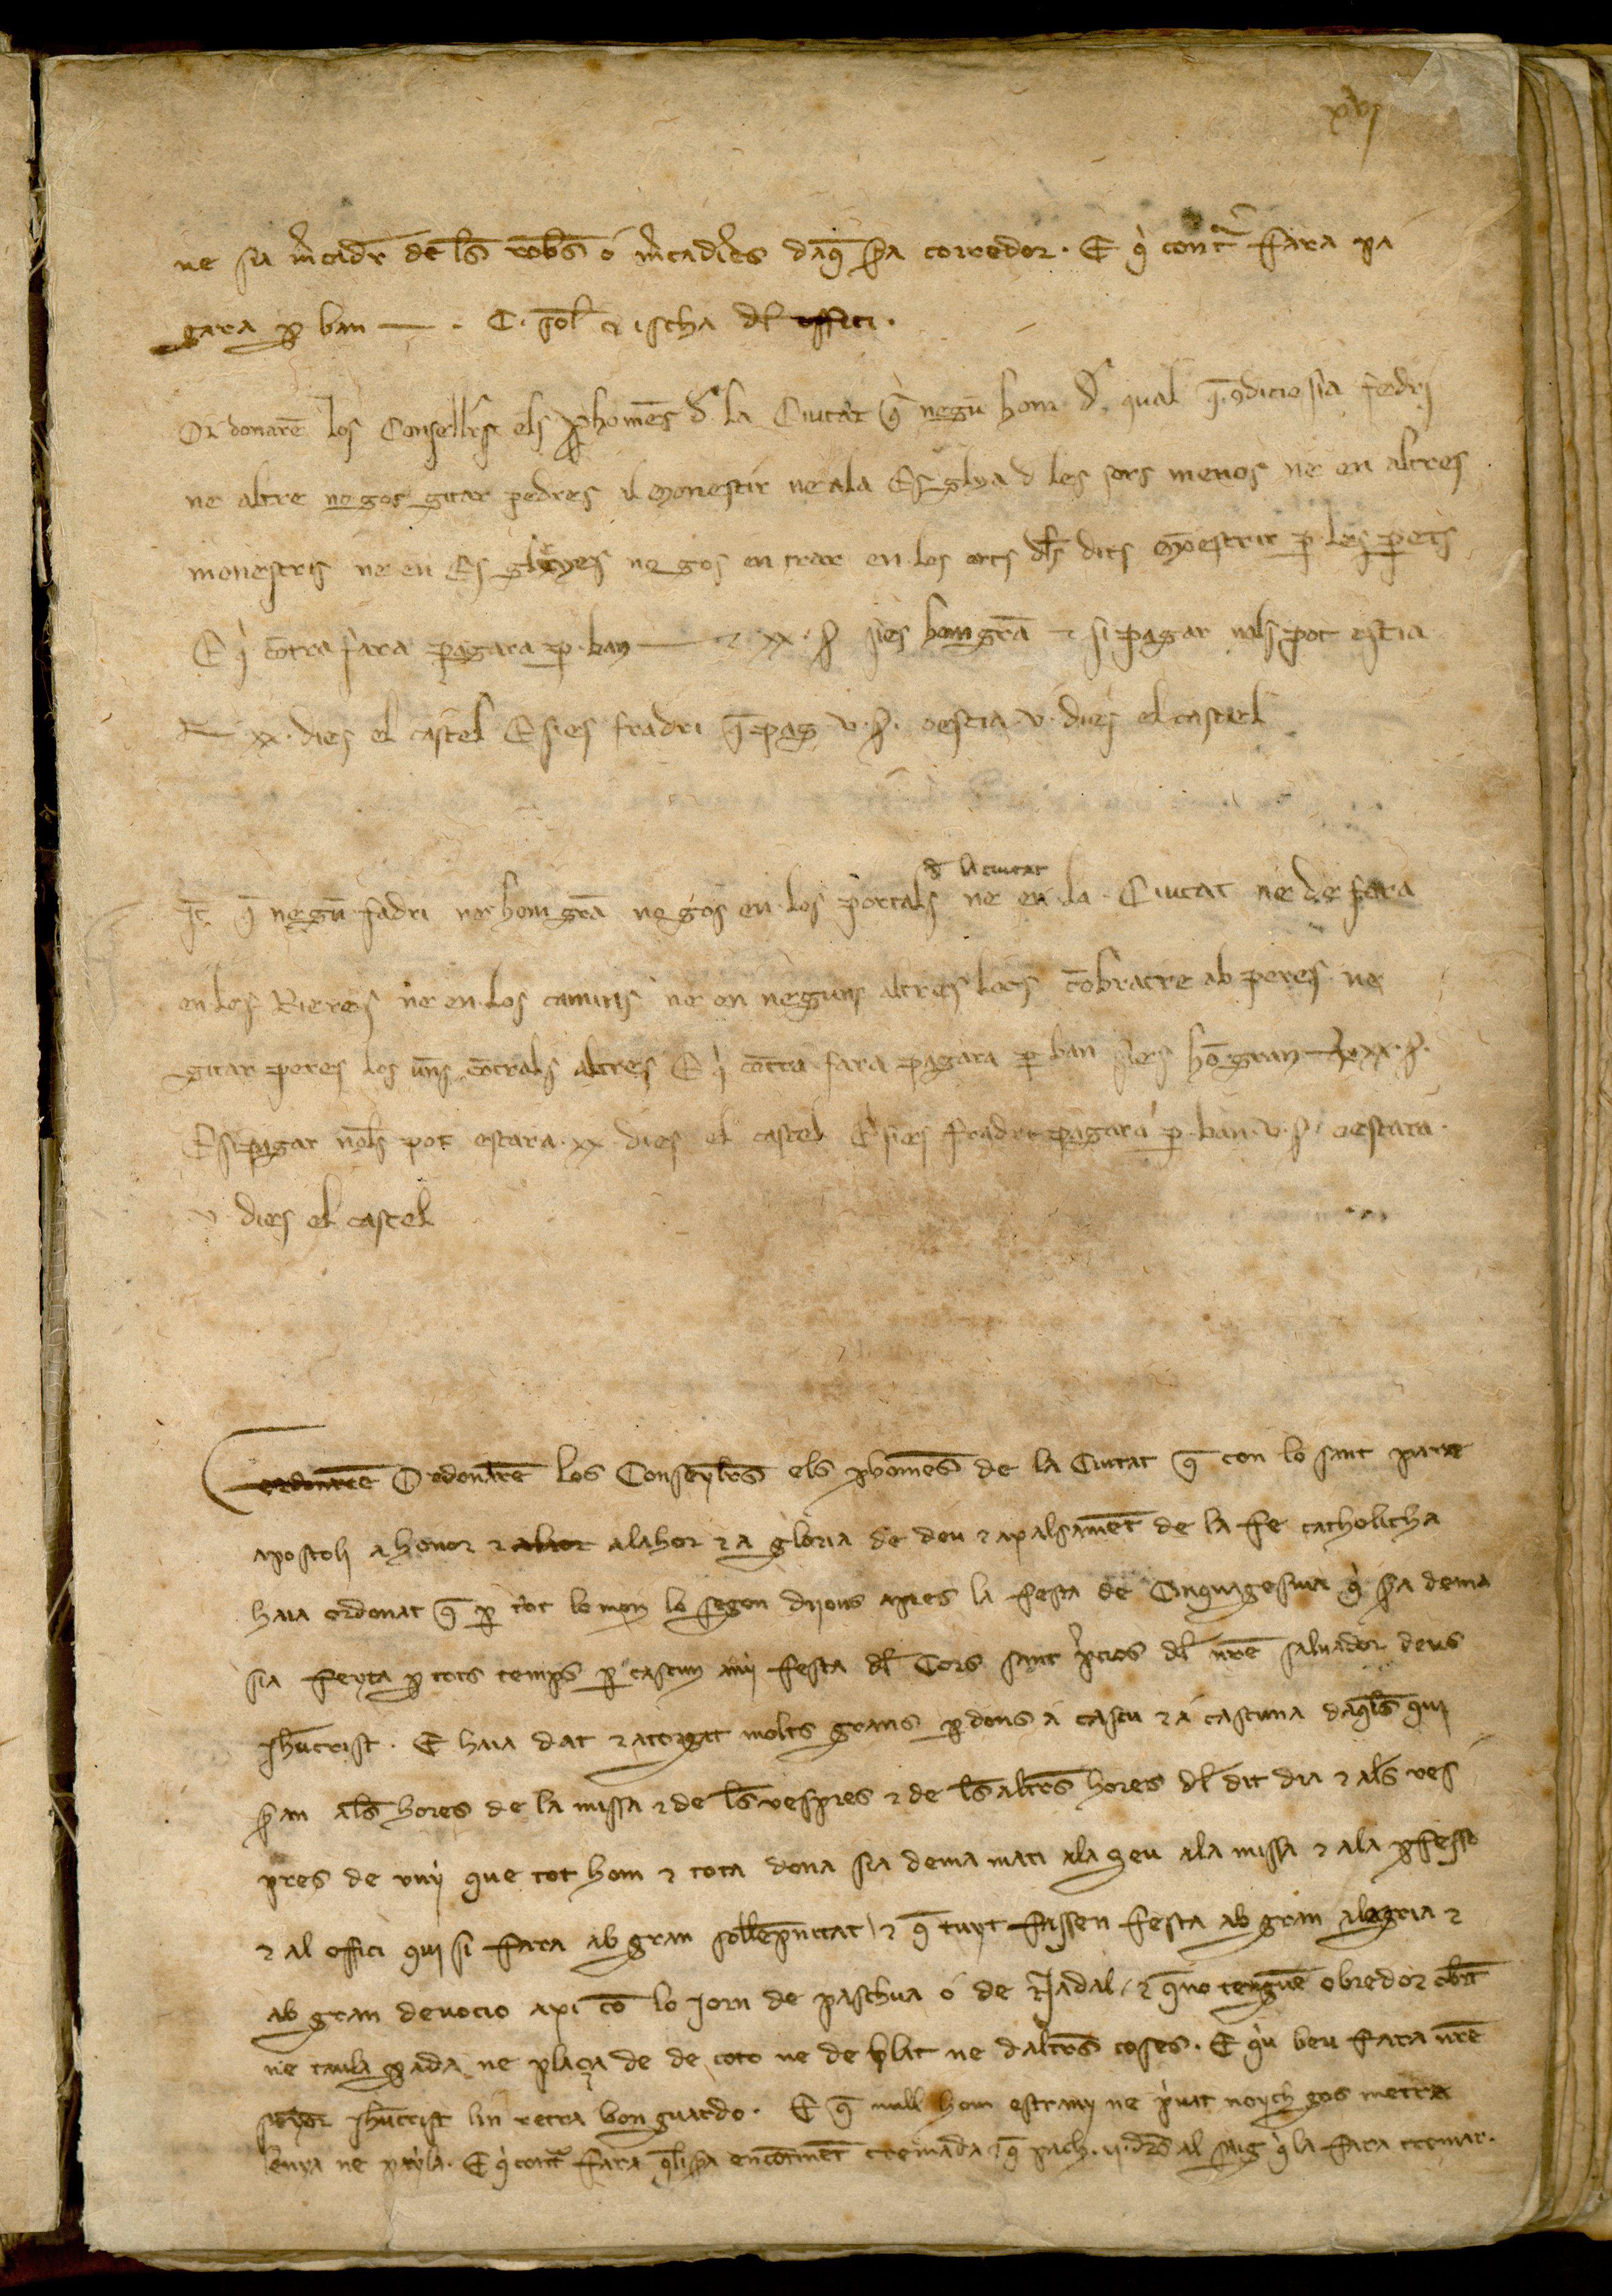 Institució del Corpus a Barcelona. Llibre del Consell [27 de maig de 1320] AHCB. CCAM 1B.I Vol.6 fol.16 r. (1319-1320)